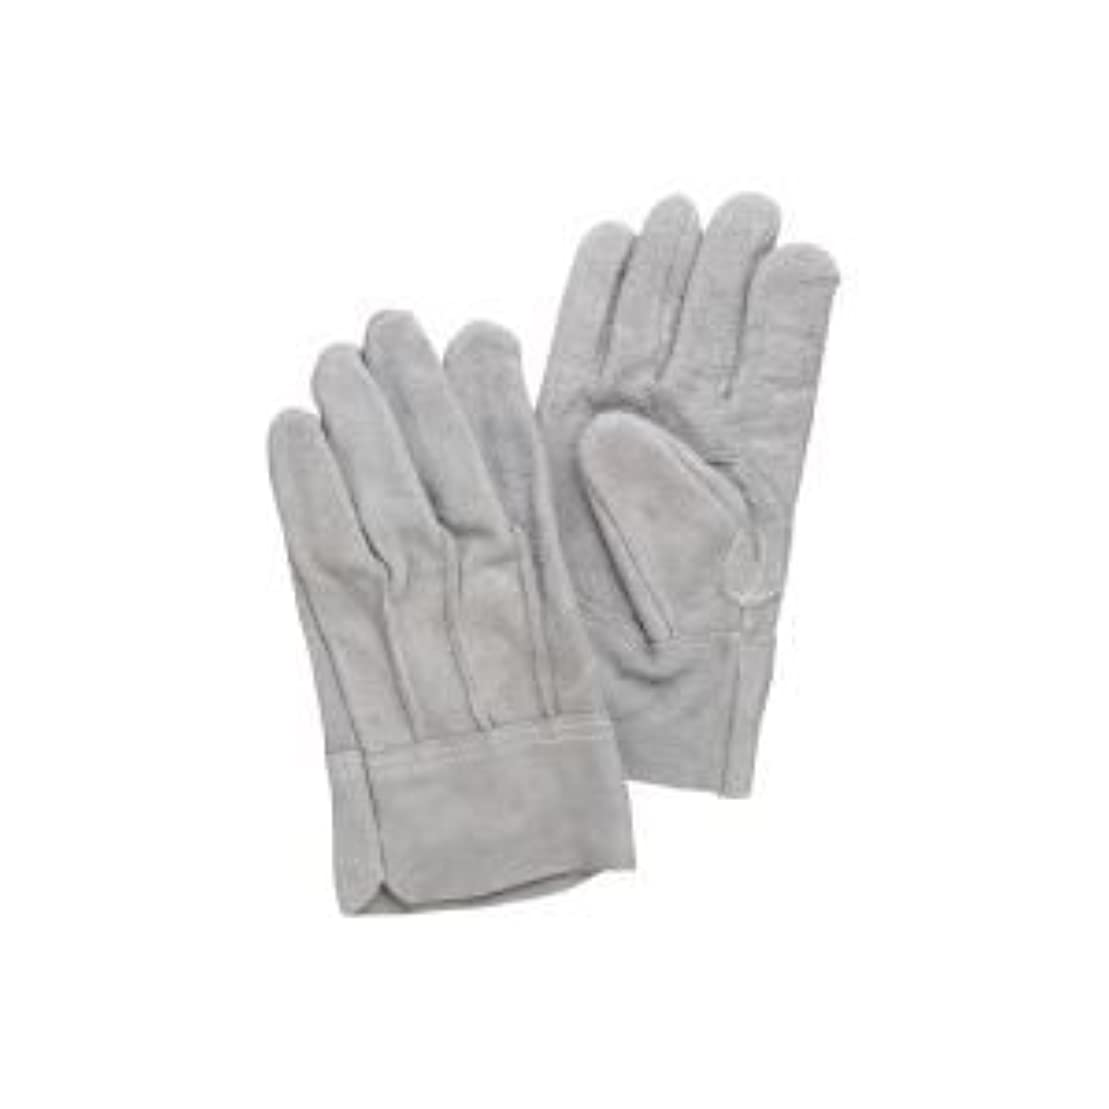 なる肌有害( お徳用 100セット ) 熱田資材 革手袋床革手袋 背縫い NO.11 グレー